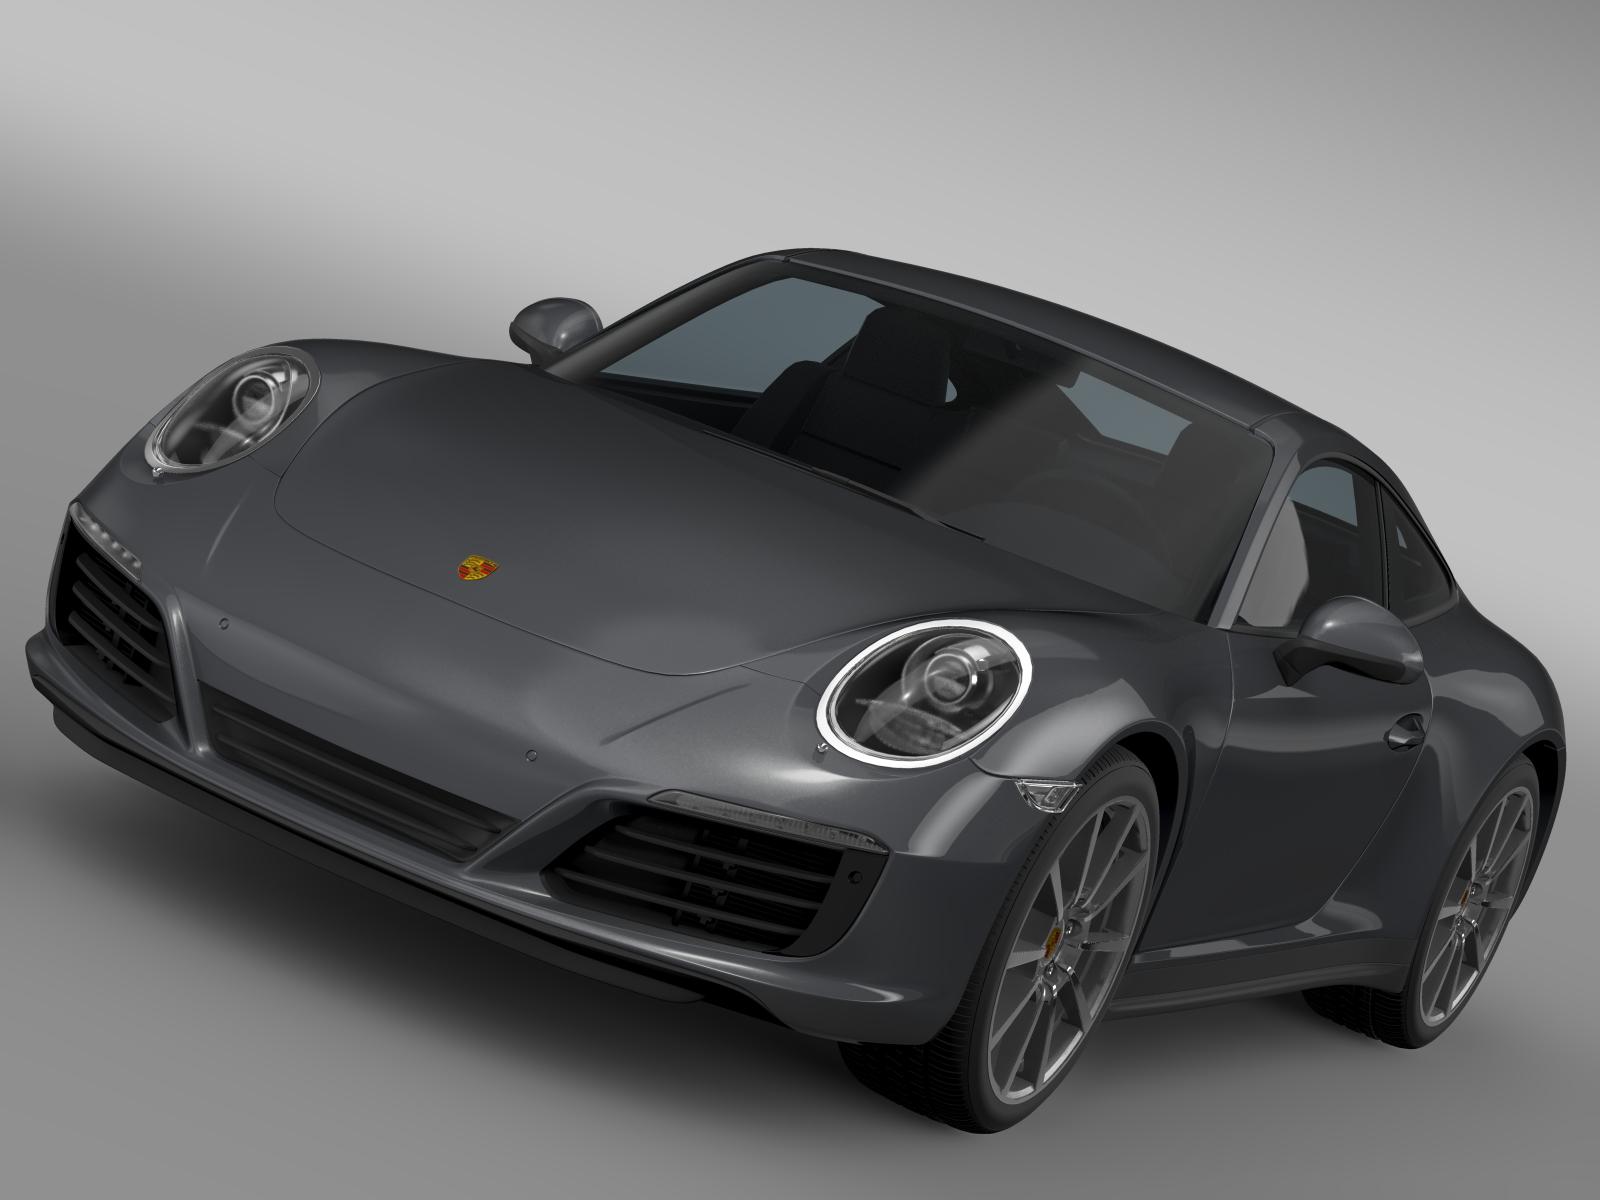 porsche 911 carrera coupe 991 2016 3d model 3ds max fbx c4d lwo ma mb hrc xsi obj 219259